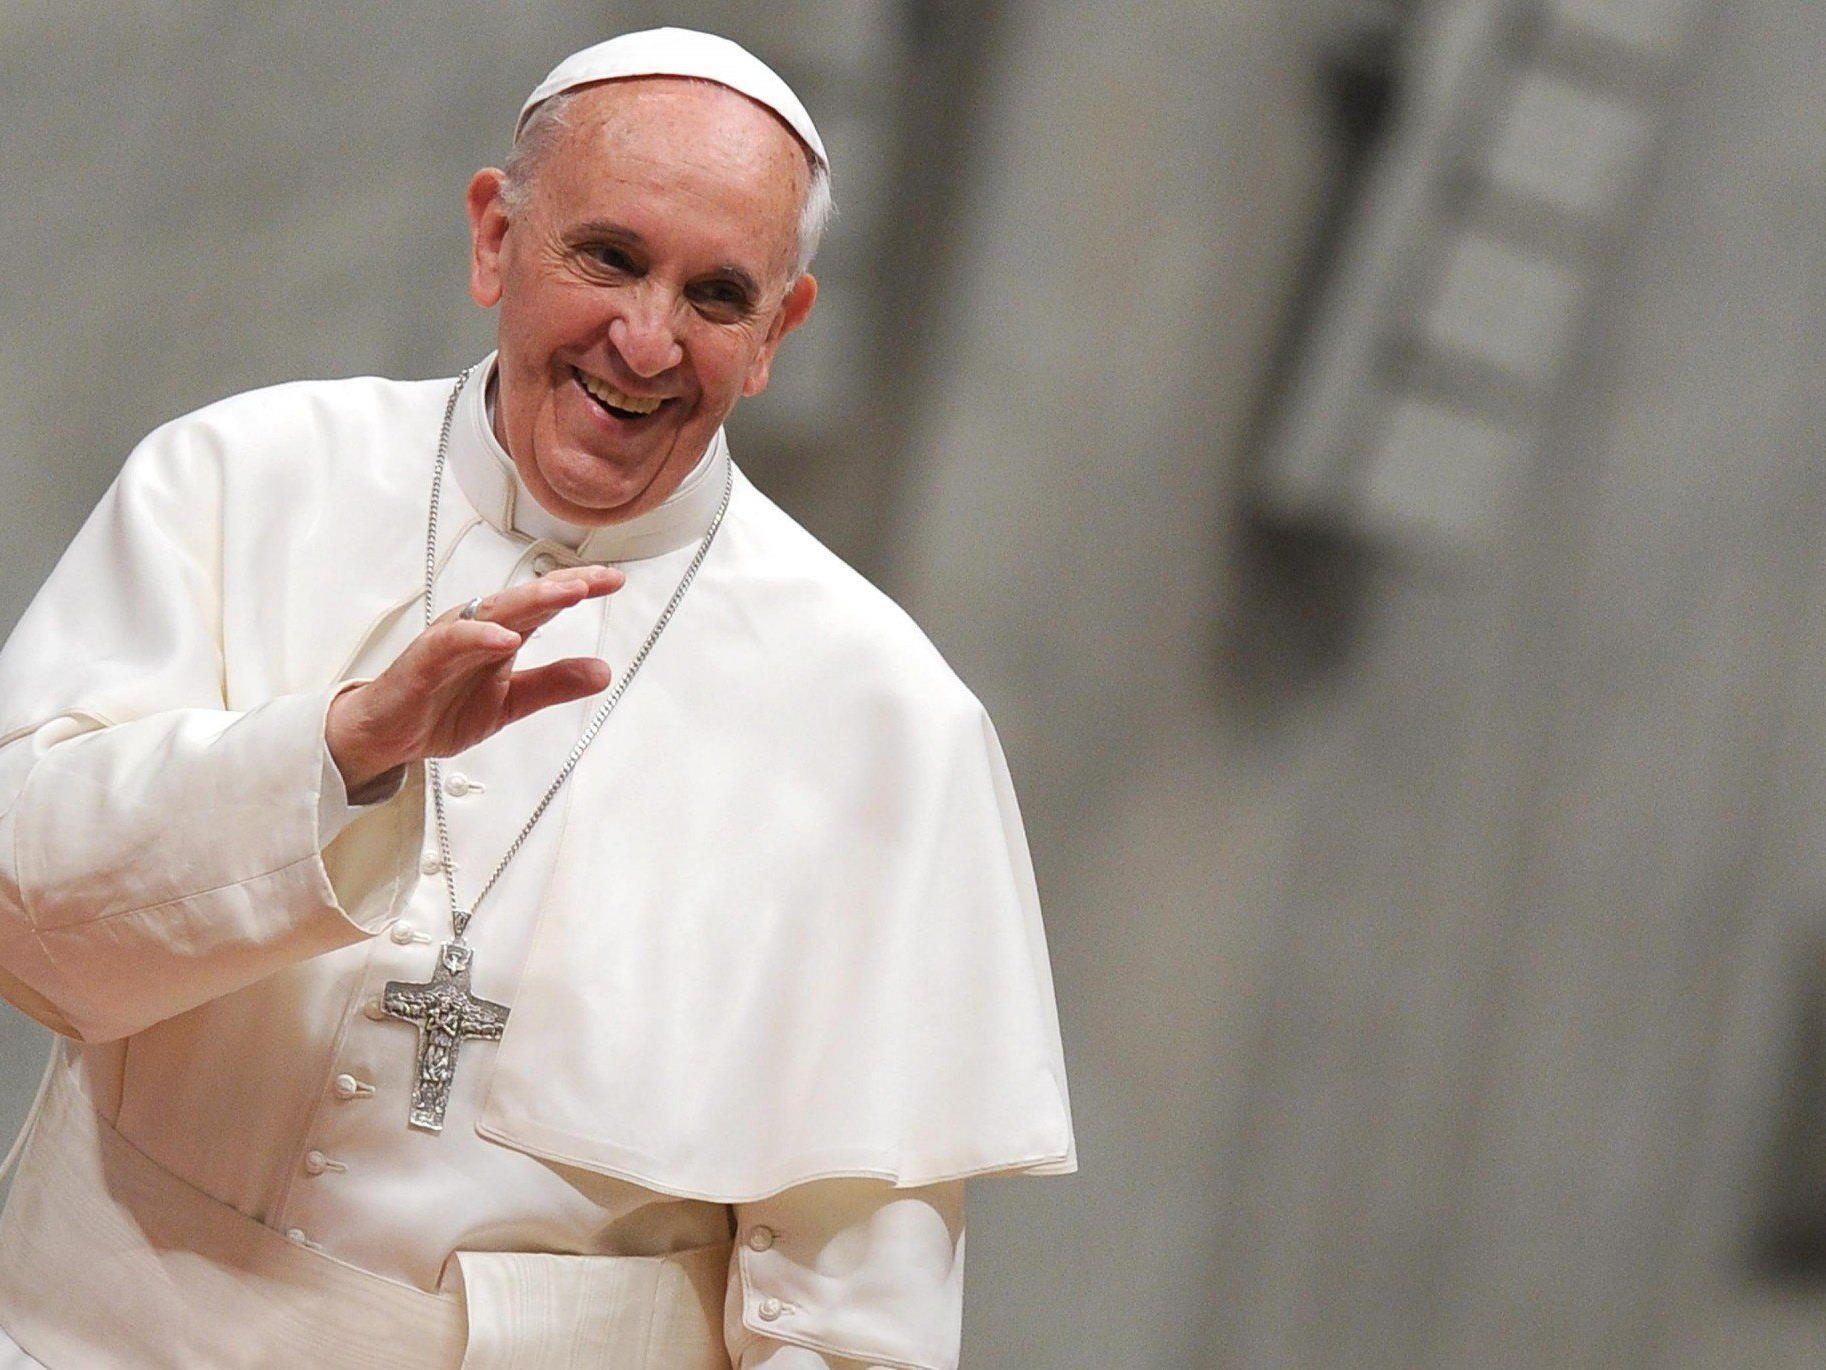 Mit der einfachen Art des lateinamerikanischen Pontifex brach im Vatikan eine neue Ära an.